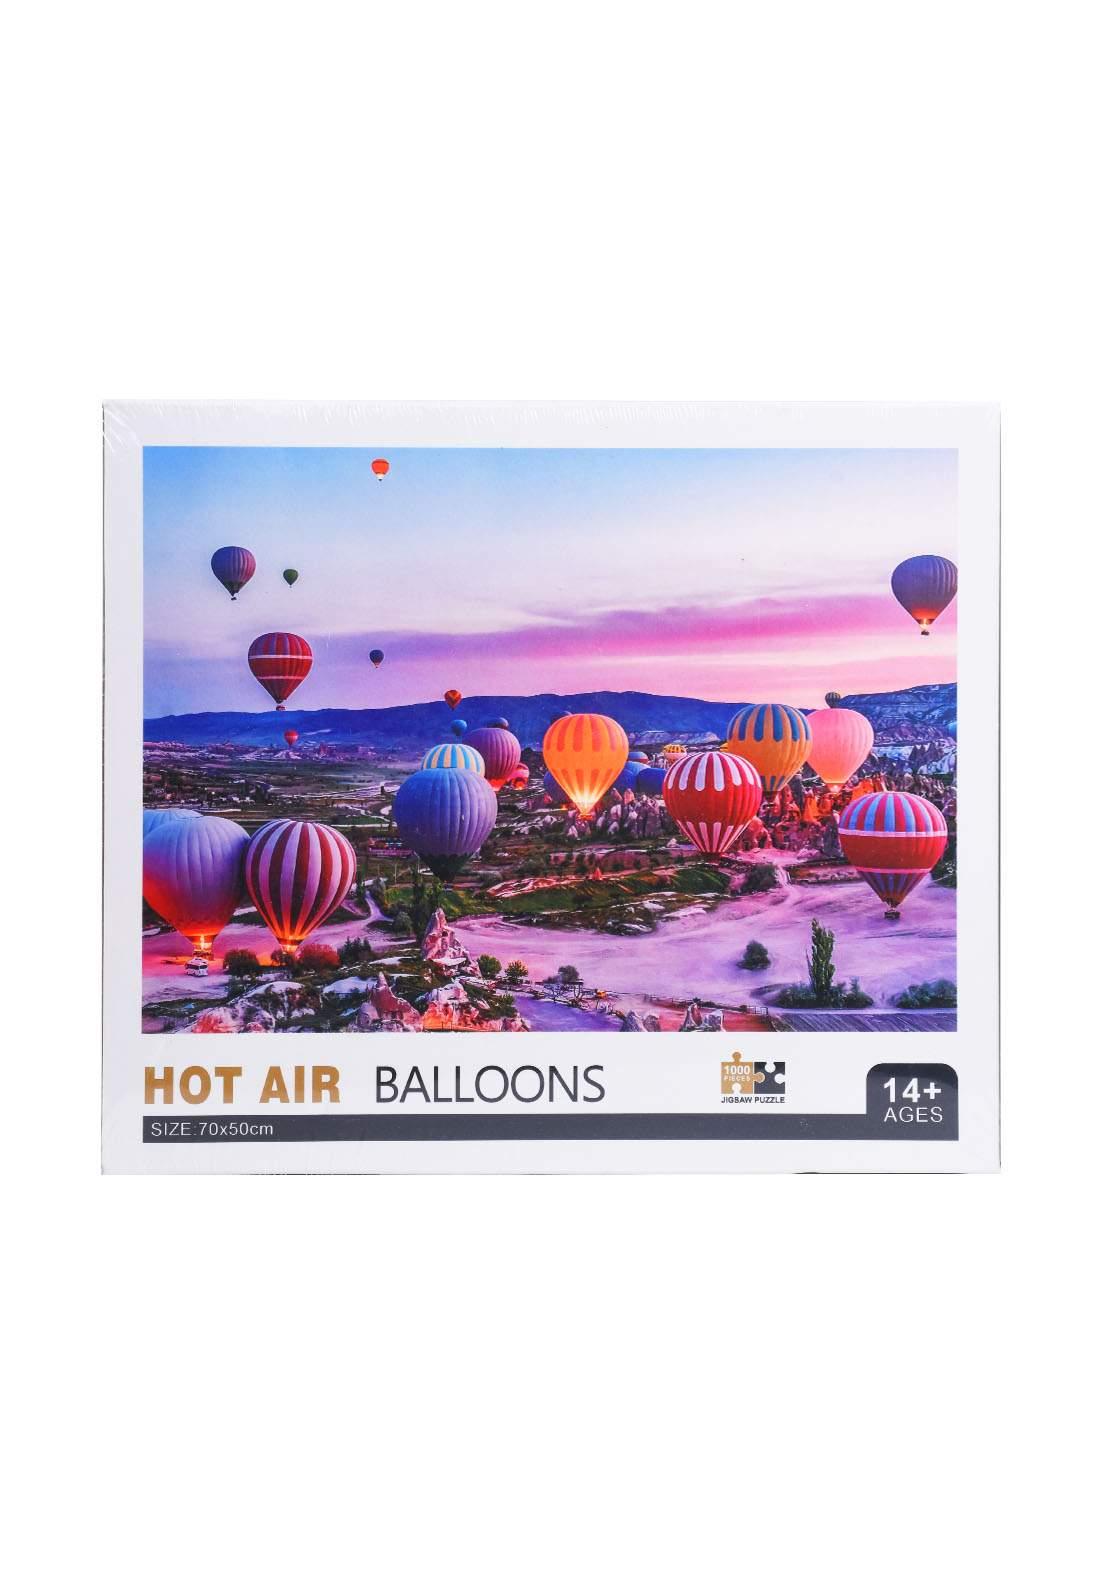 Jigsaw Puzzle Hot Air Balloons 1000Pcs لعبة تركيب القطع بشكل بالونات الهواء الساخن